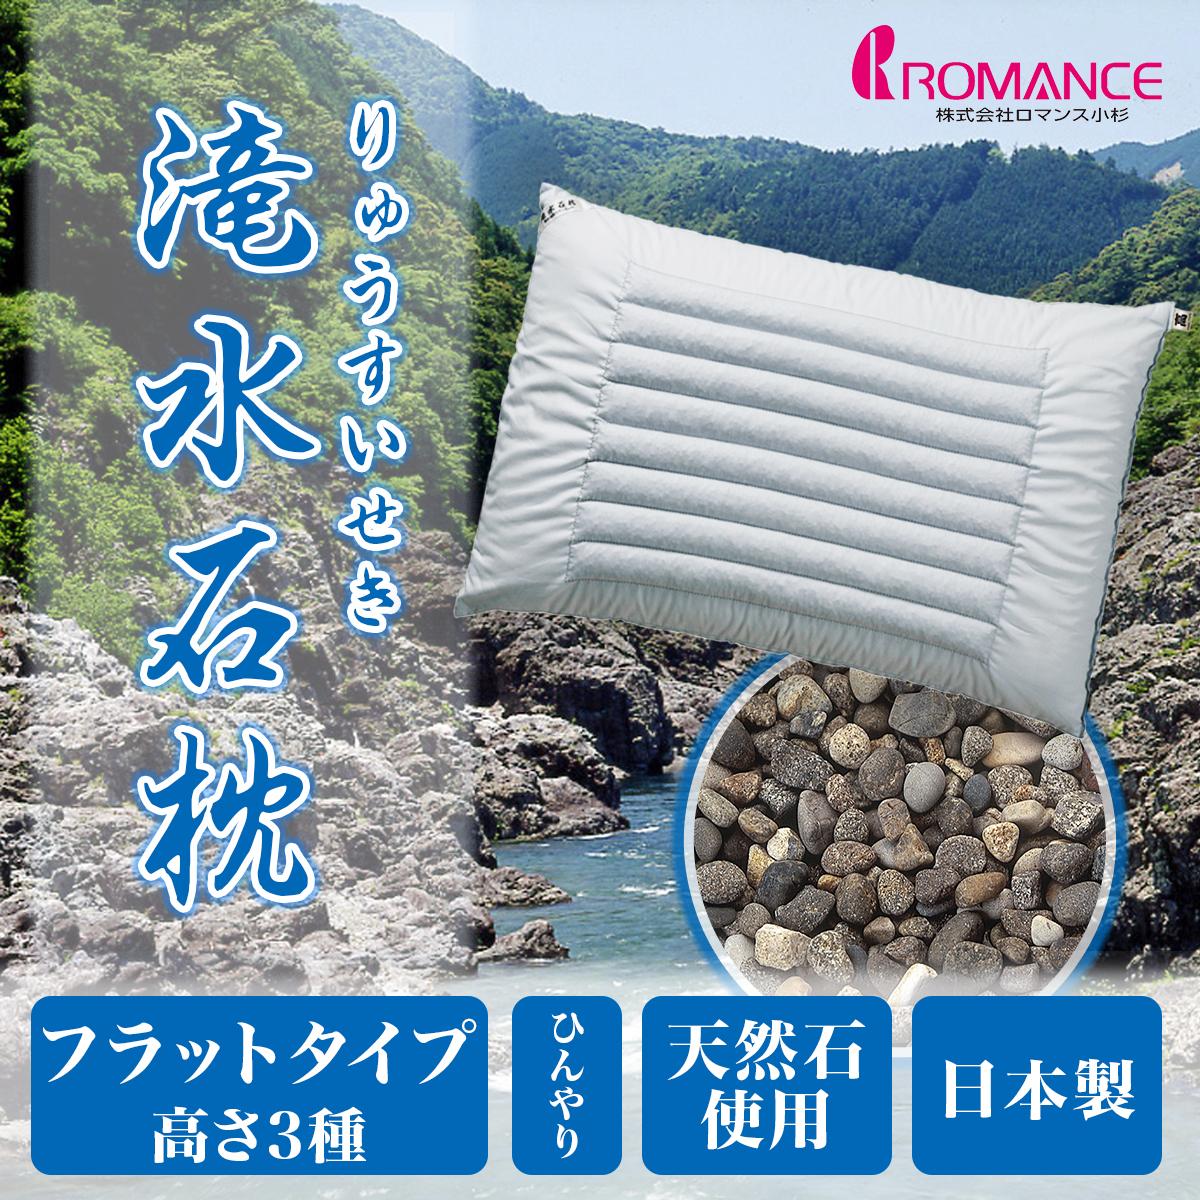 ロマンス小杉 滝水石枕(りゅうすいせきまくら) 63x43cm フラットタイプ 選べる高さ3タイプ